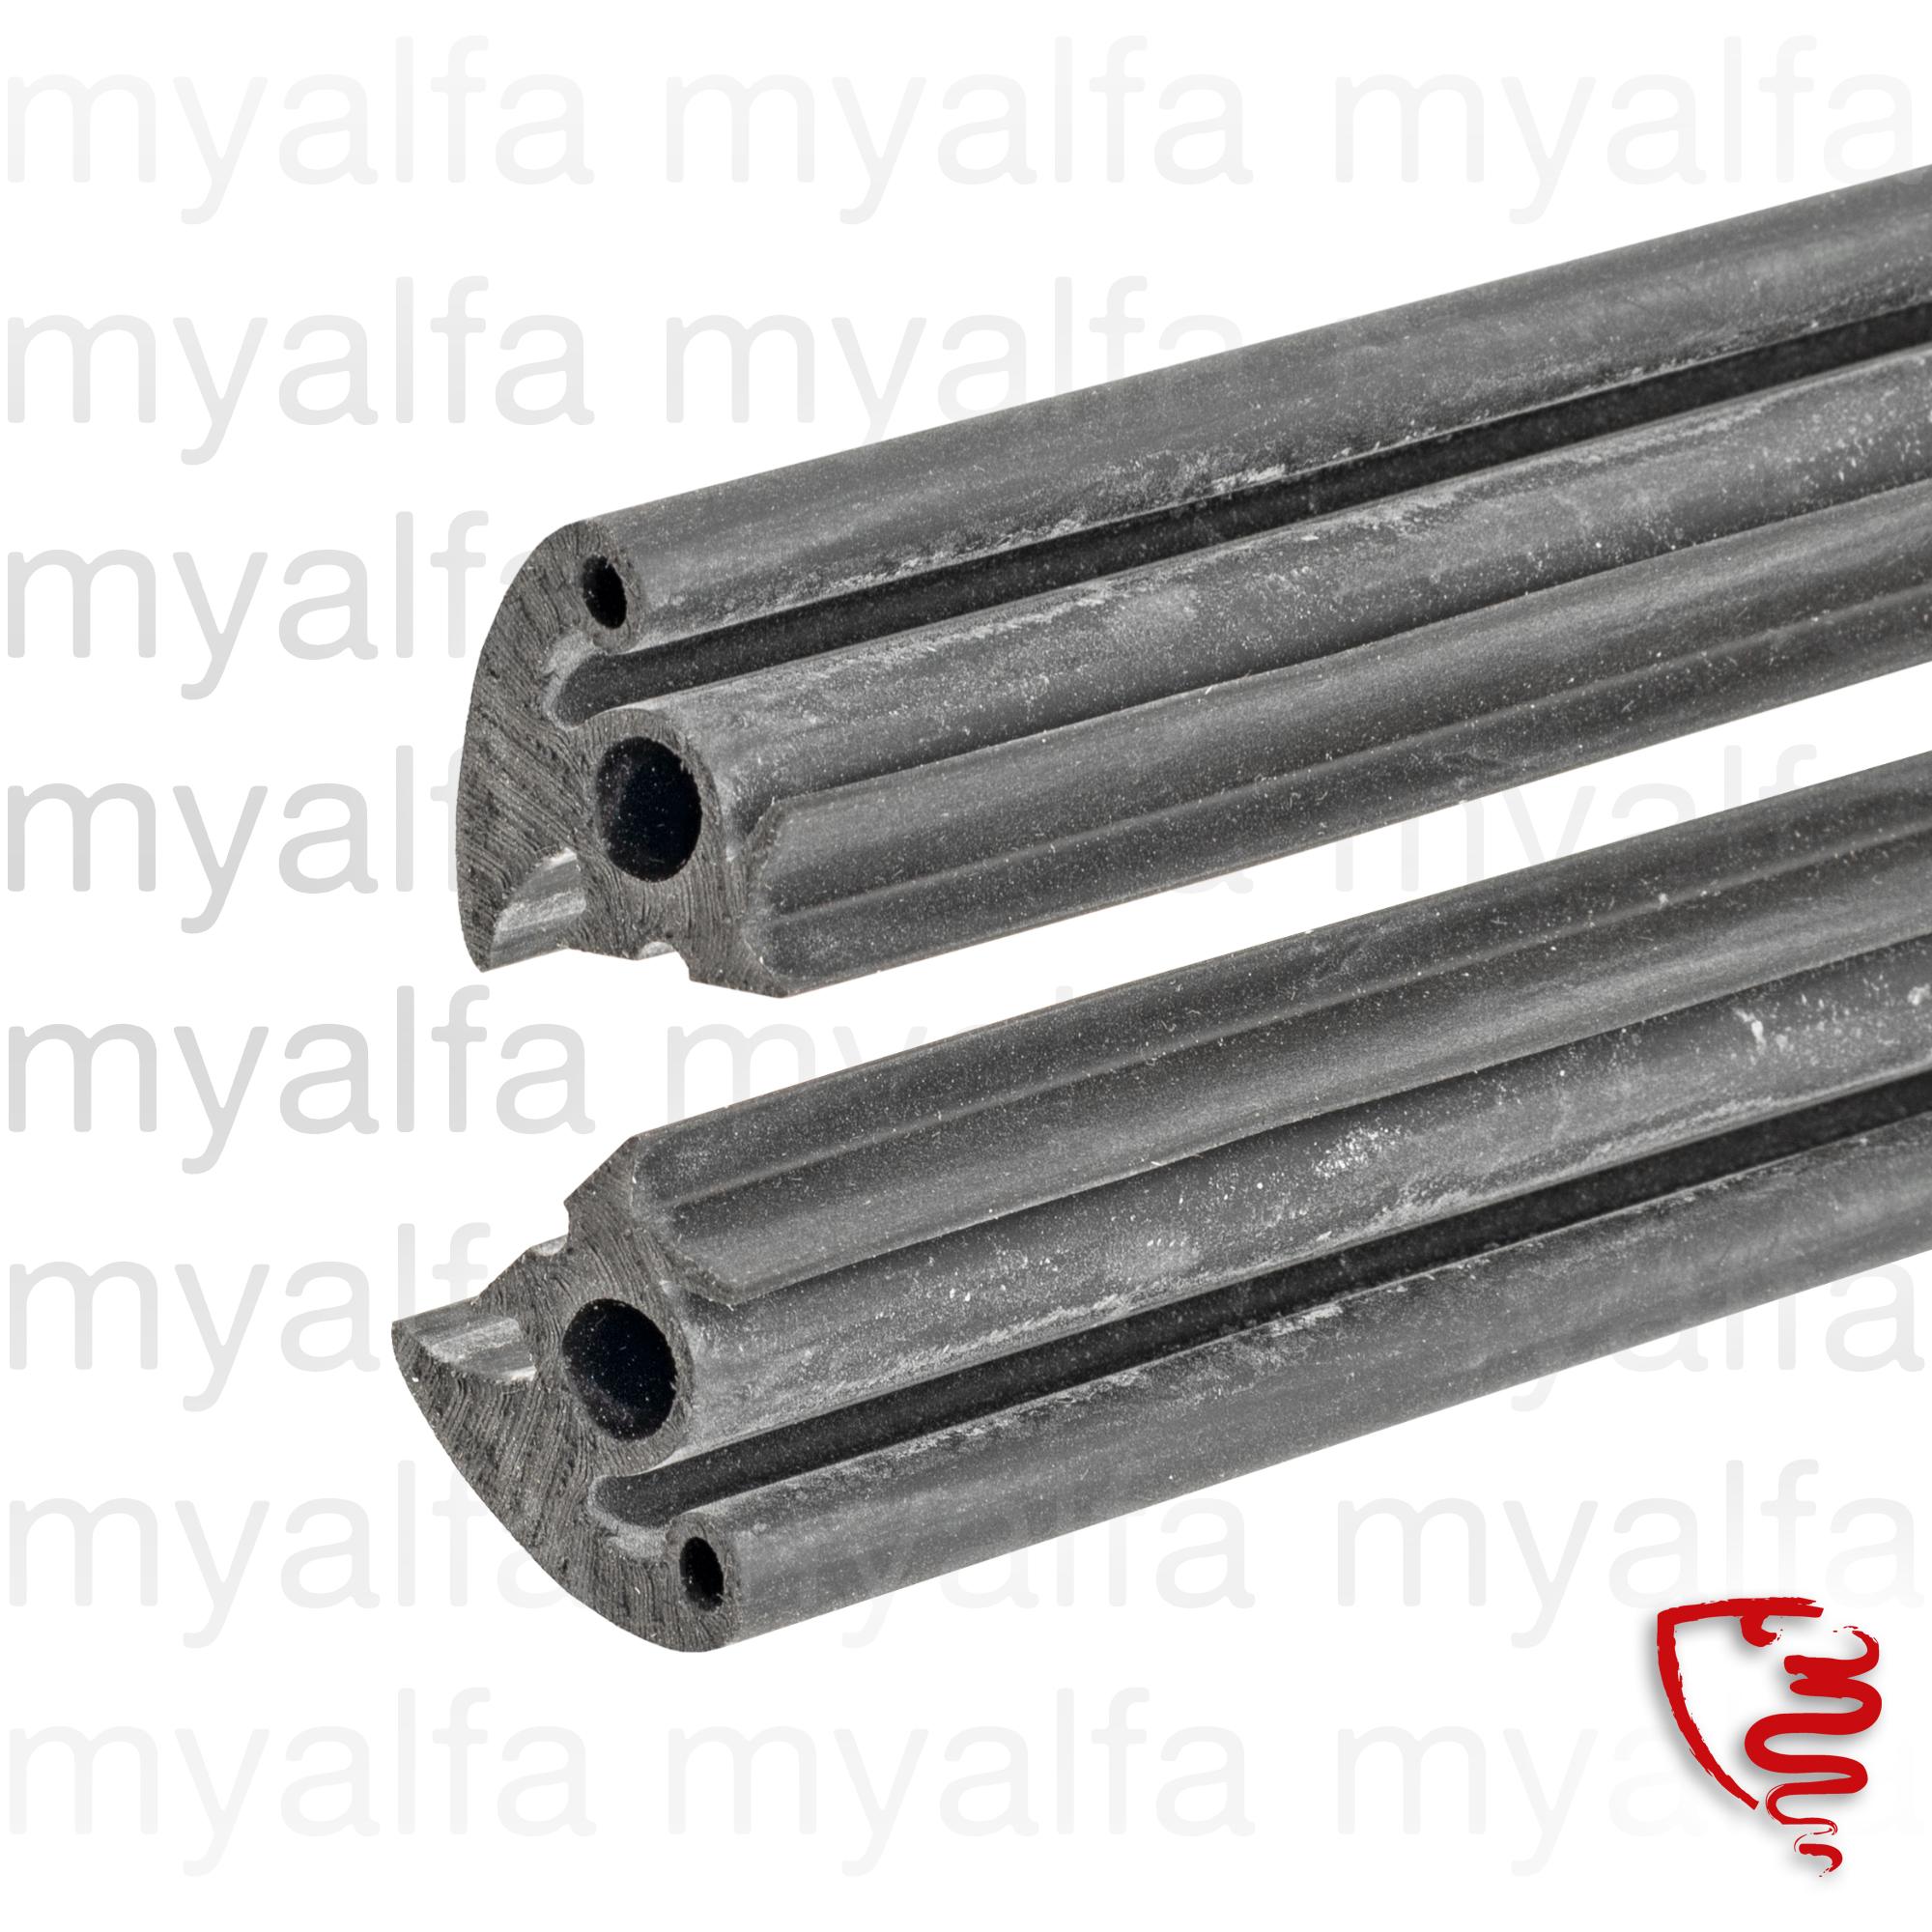 Jg. rubber door seals 750 Spider for 750/101, Spider, Body parts, Rubber parts, Door seals